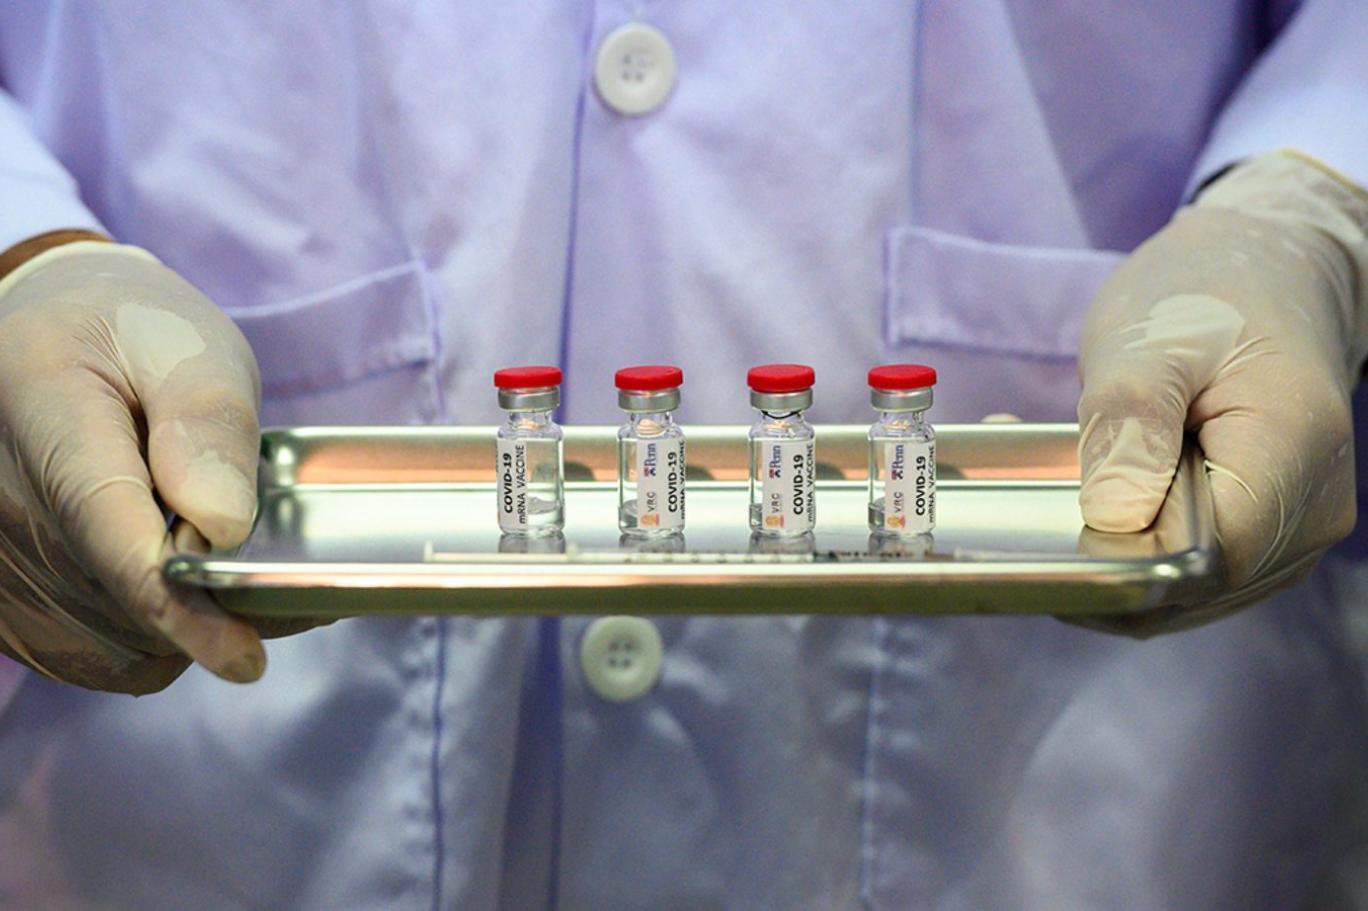 Türkiye'de de kullanılan korona virüsü aşısı ile ilgili dikkat çekici açıklama geldi